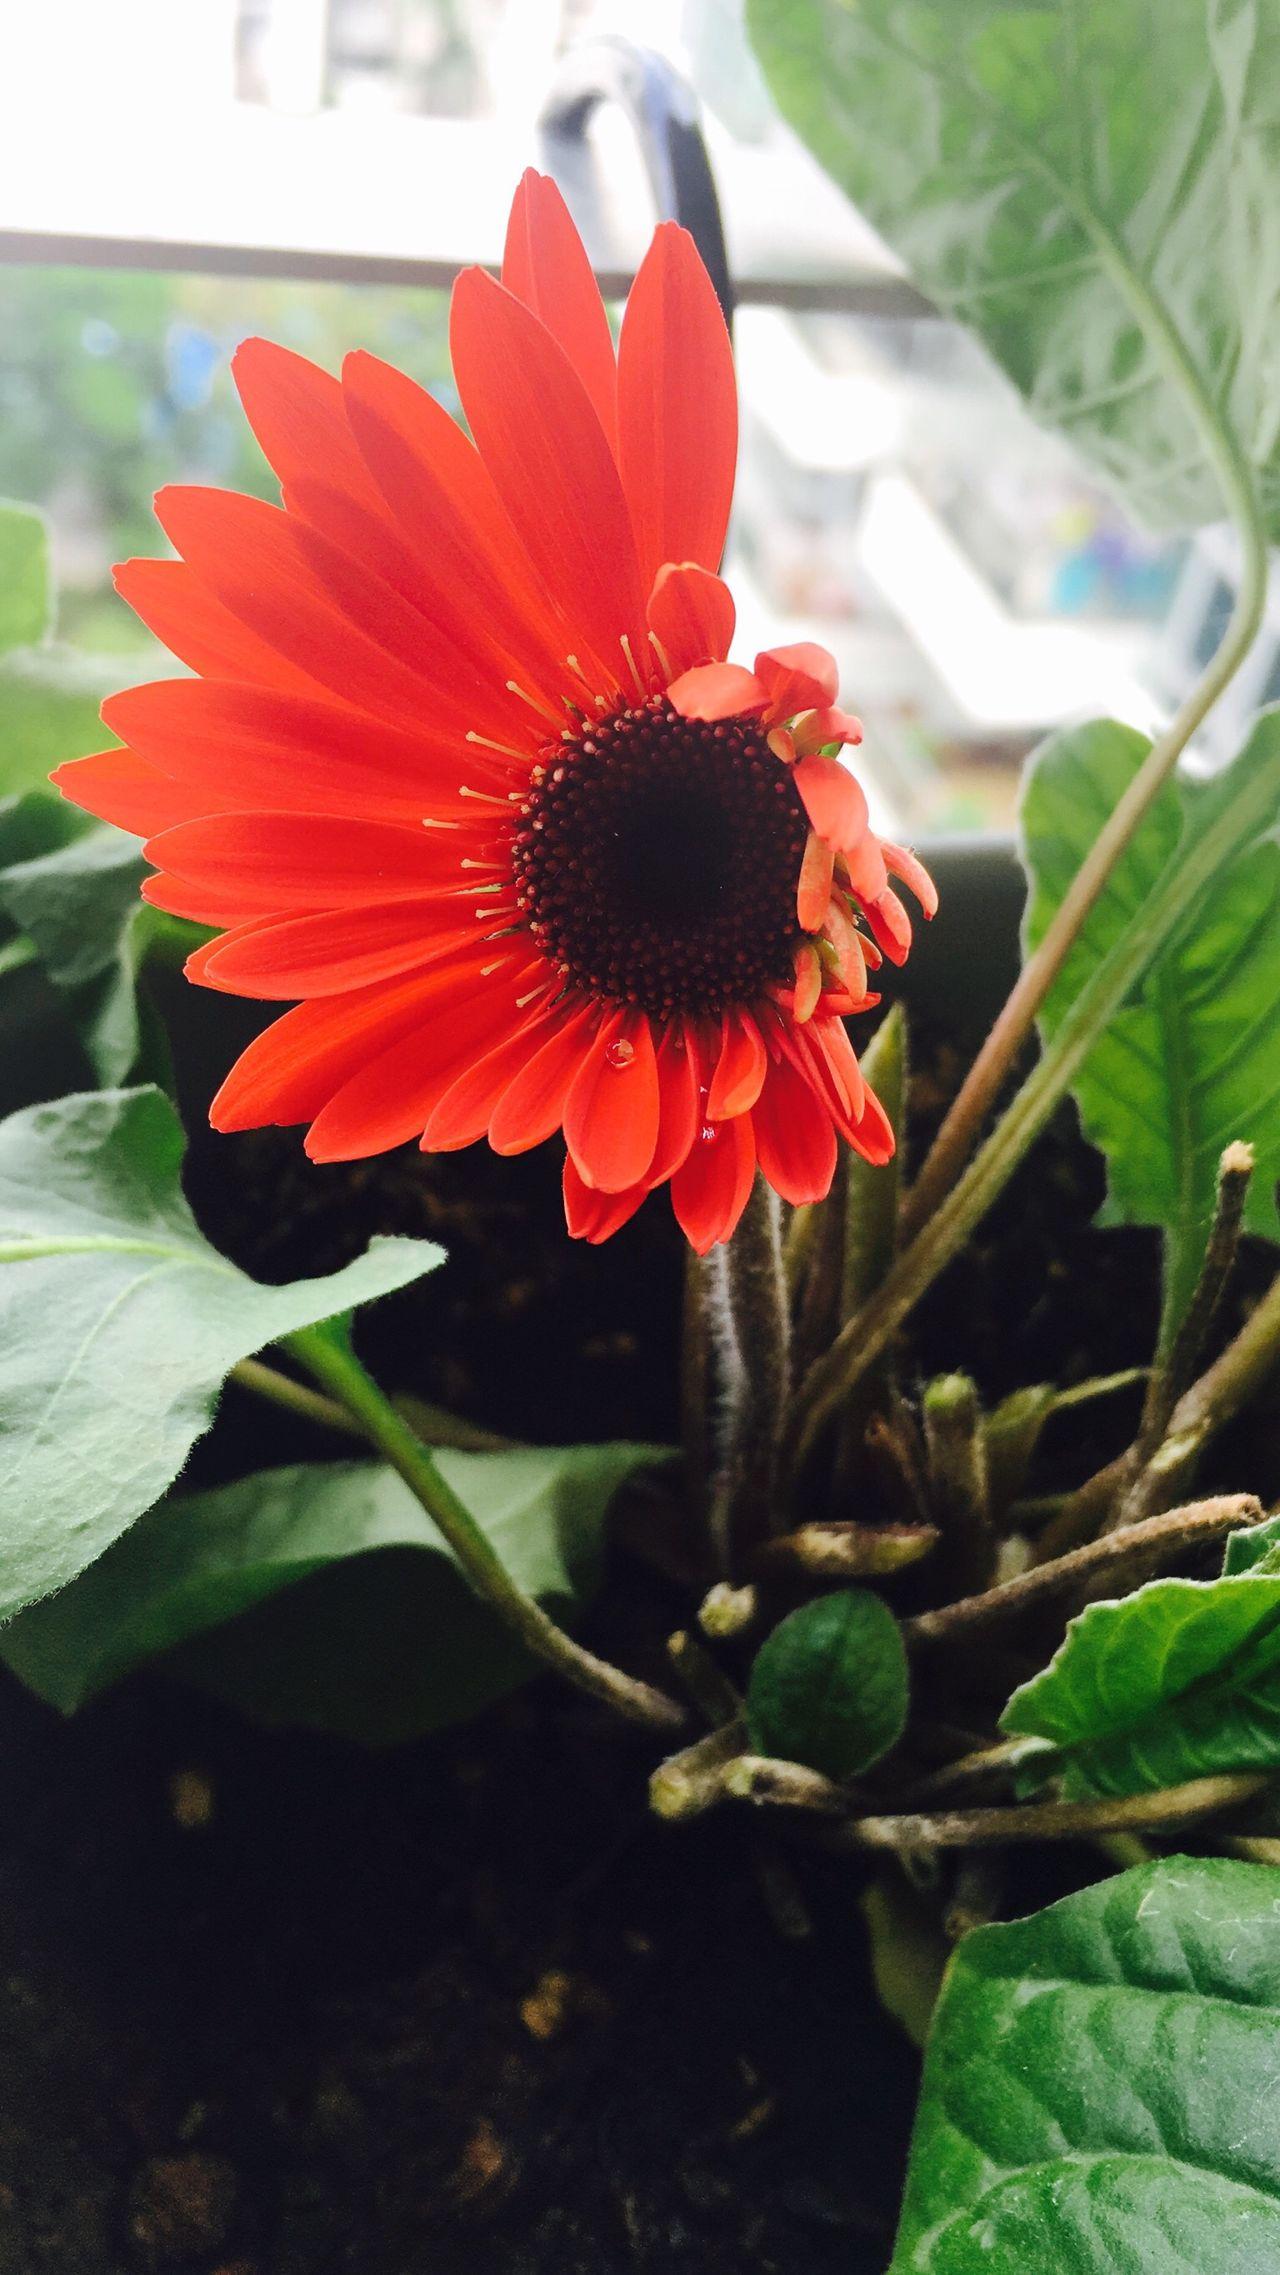 Uniqueness Daisy Baby Daisy New Life Daisy Flower Balcony Flower